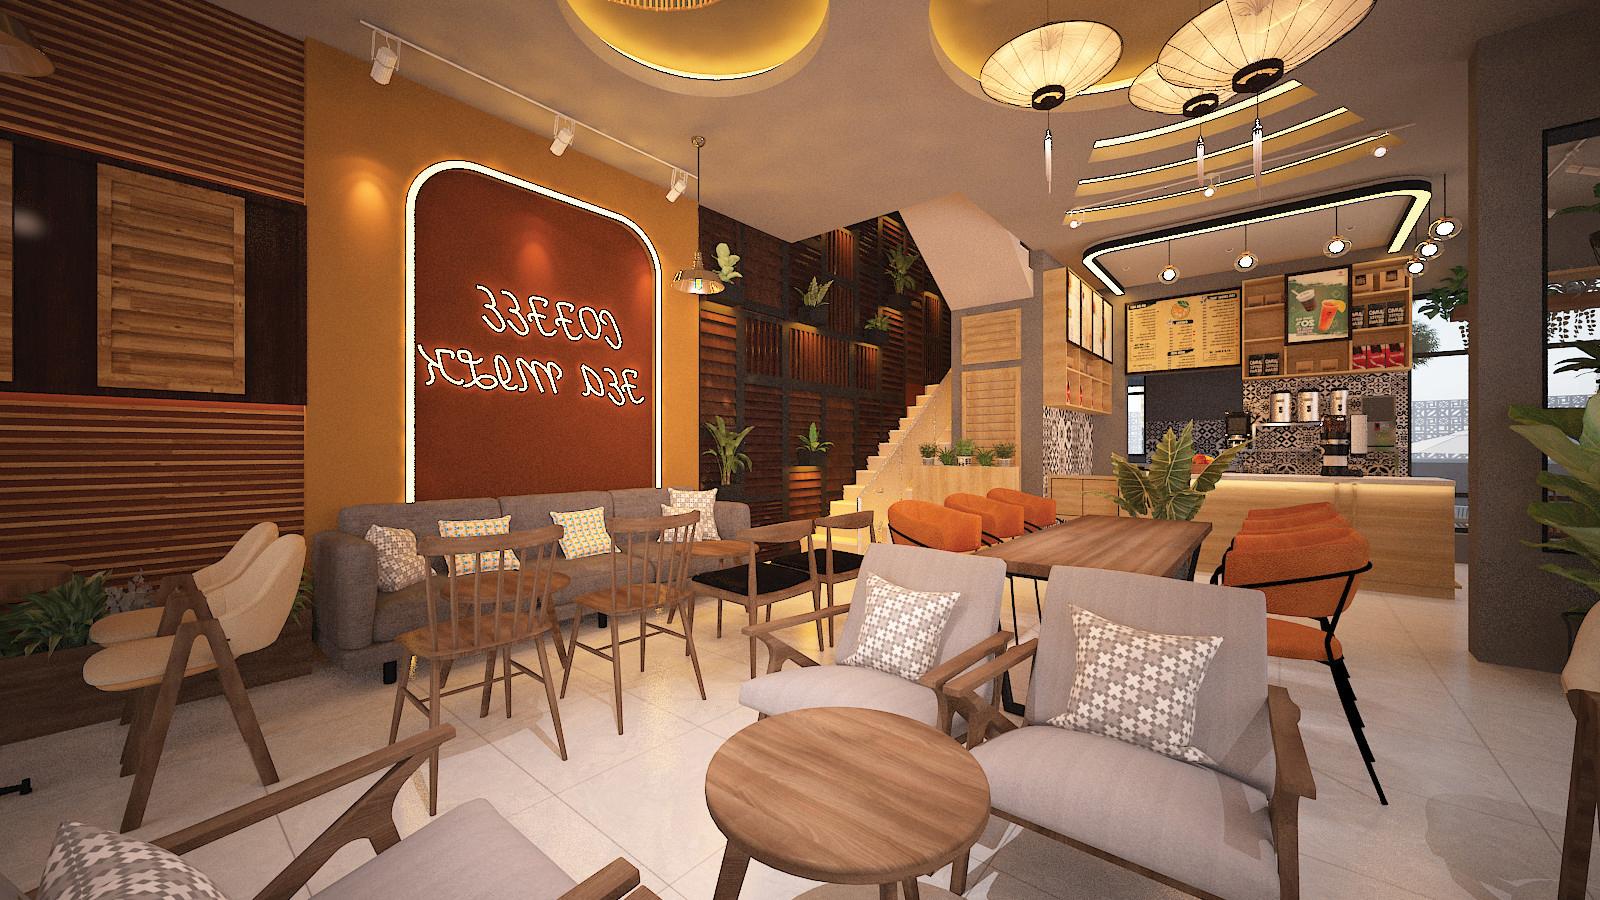 không gian nội thất giữa quán cafe